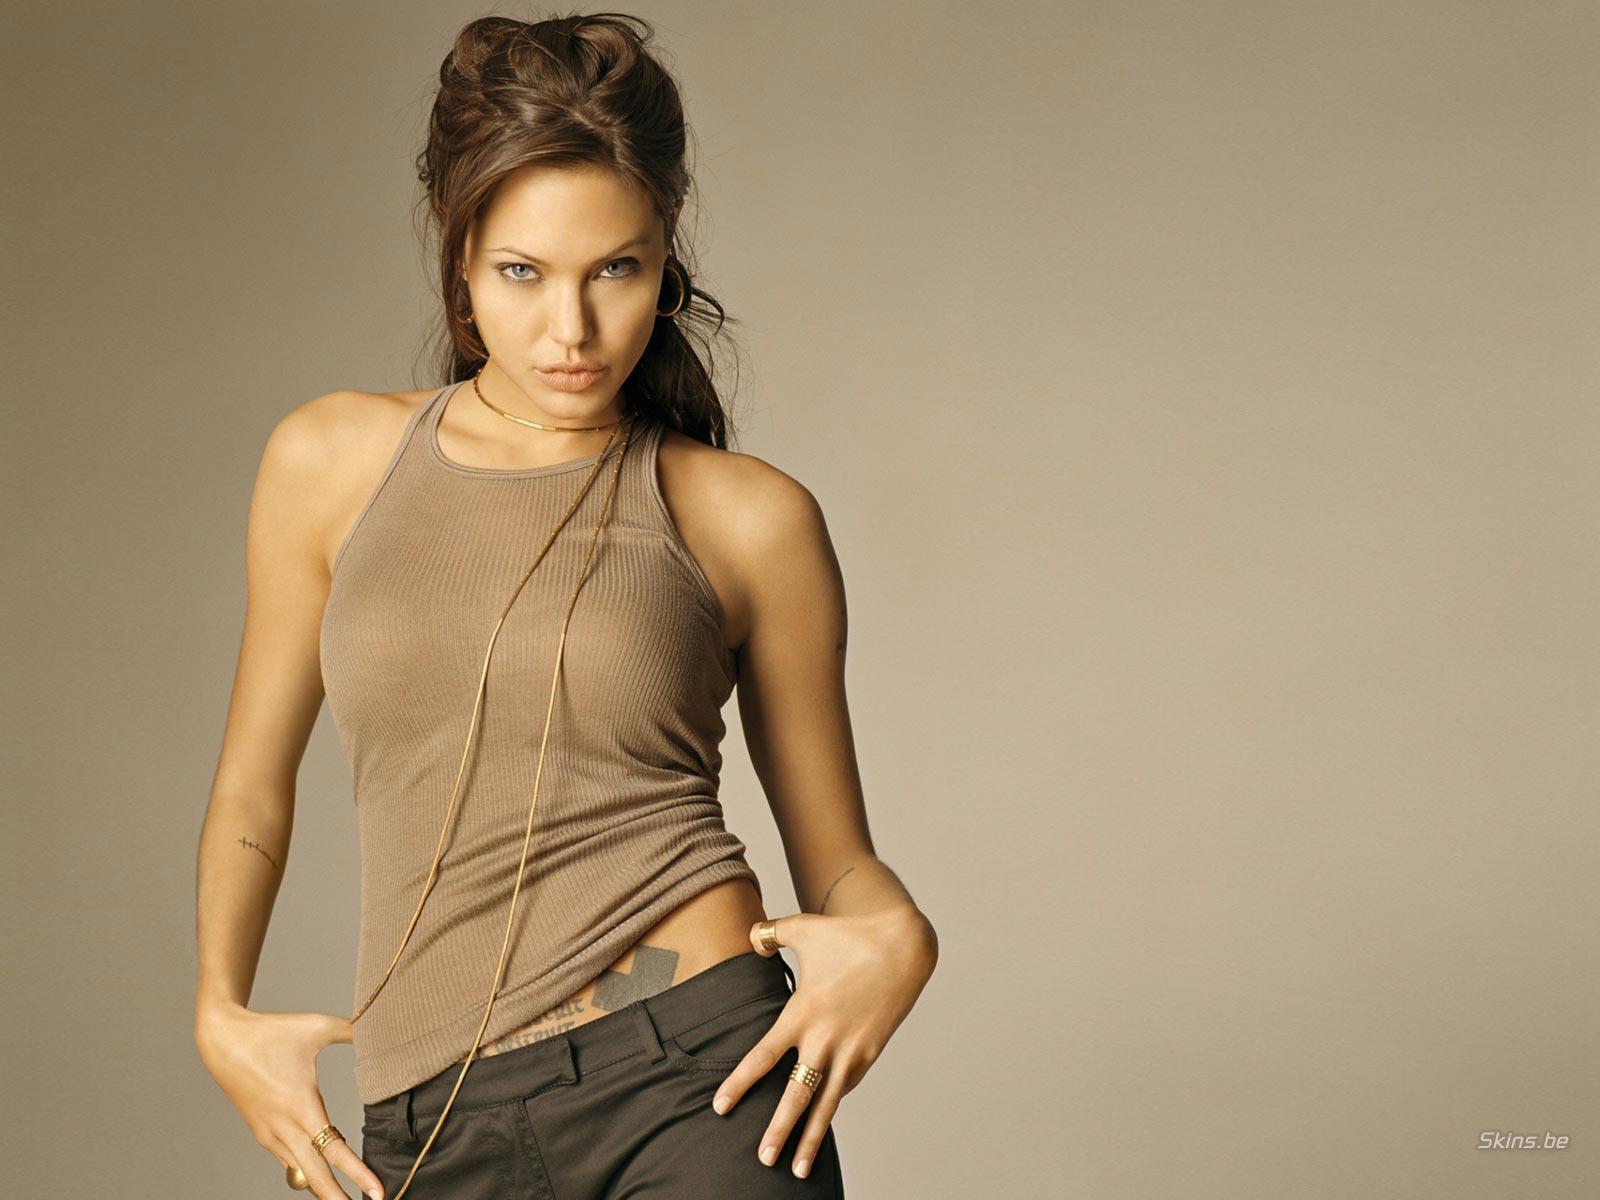 http://4.bp.blogspot.com/_GCAuqodmOE4/TOlm77n07TI/AAAAAAAAE7Y/ZsfP5MPqAmw/s1600/Angelina+Jolie_4.jpg